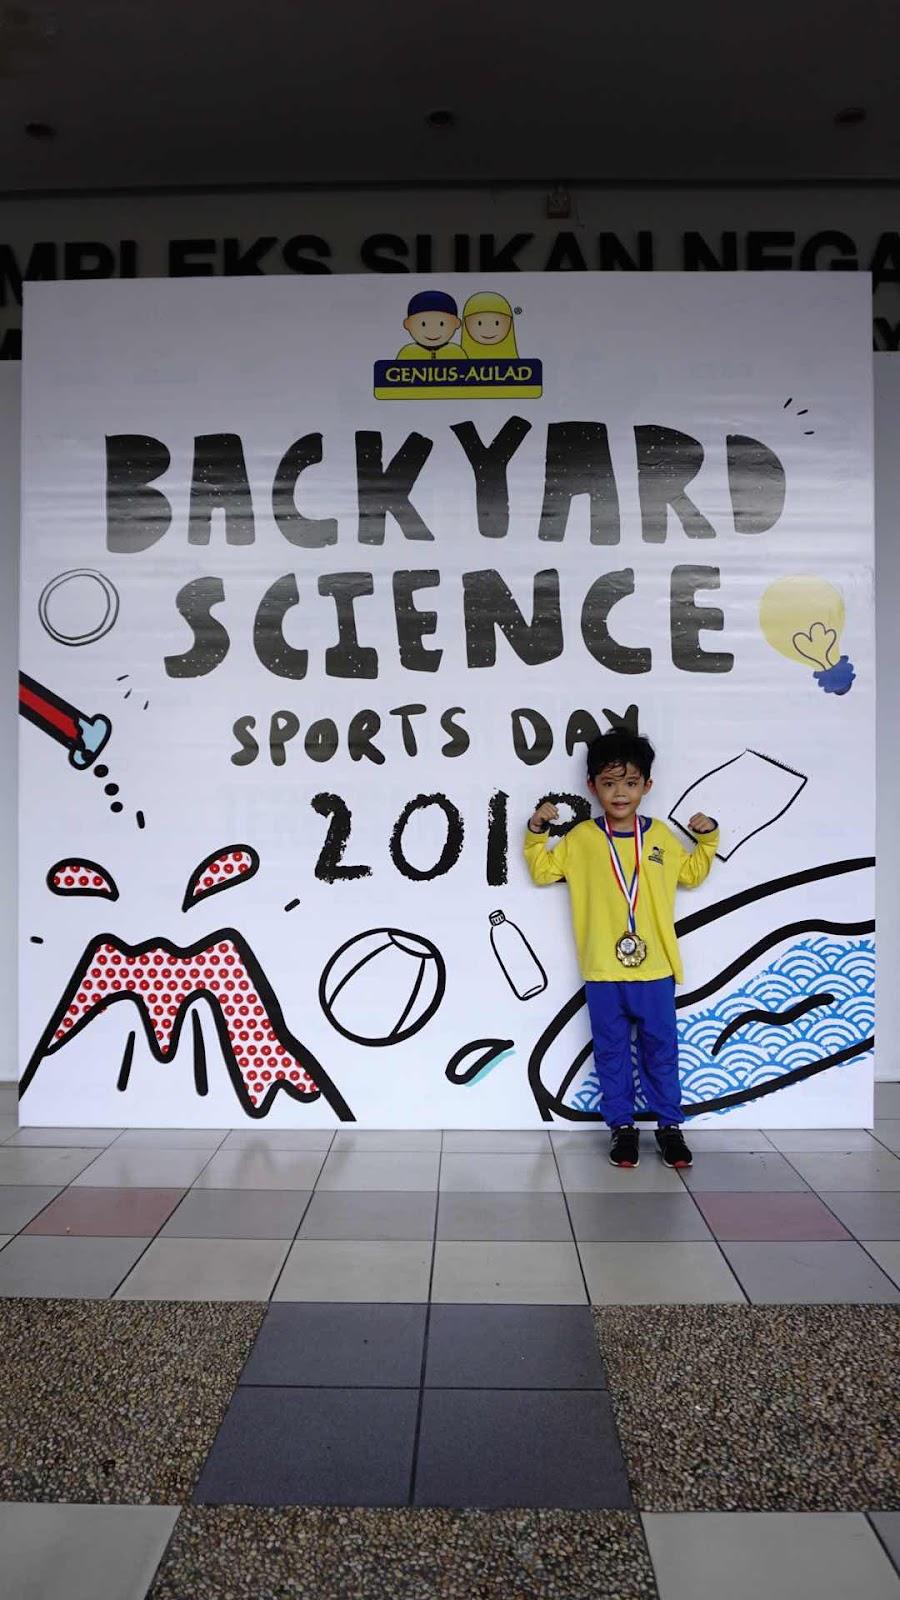 BackYard Science 2019 Sportday Genius Aulad Saujana Utama